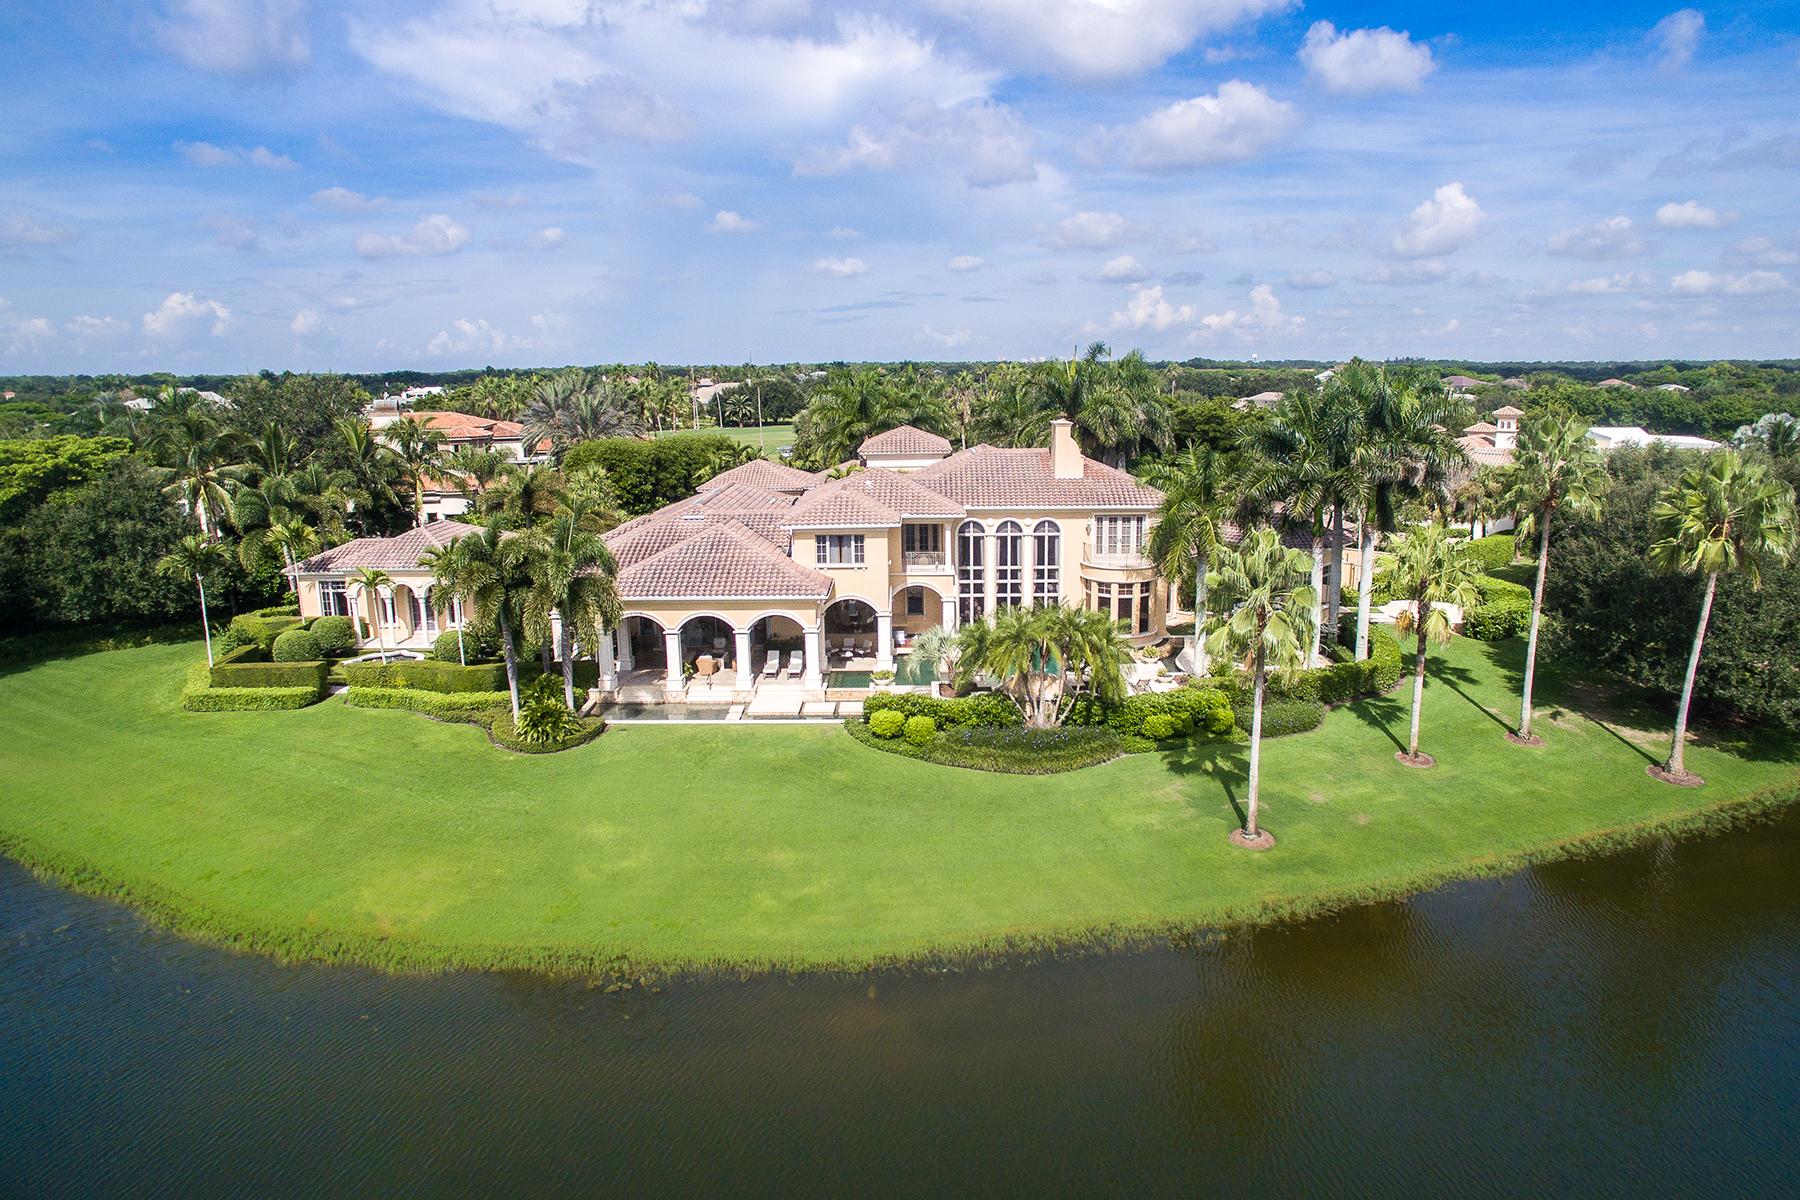 Частный односемейный дом для того Продажа на QUAIL WEST 28921 Cavell Naples, Флорида, 34119 Соединенные Штаты